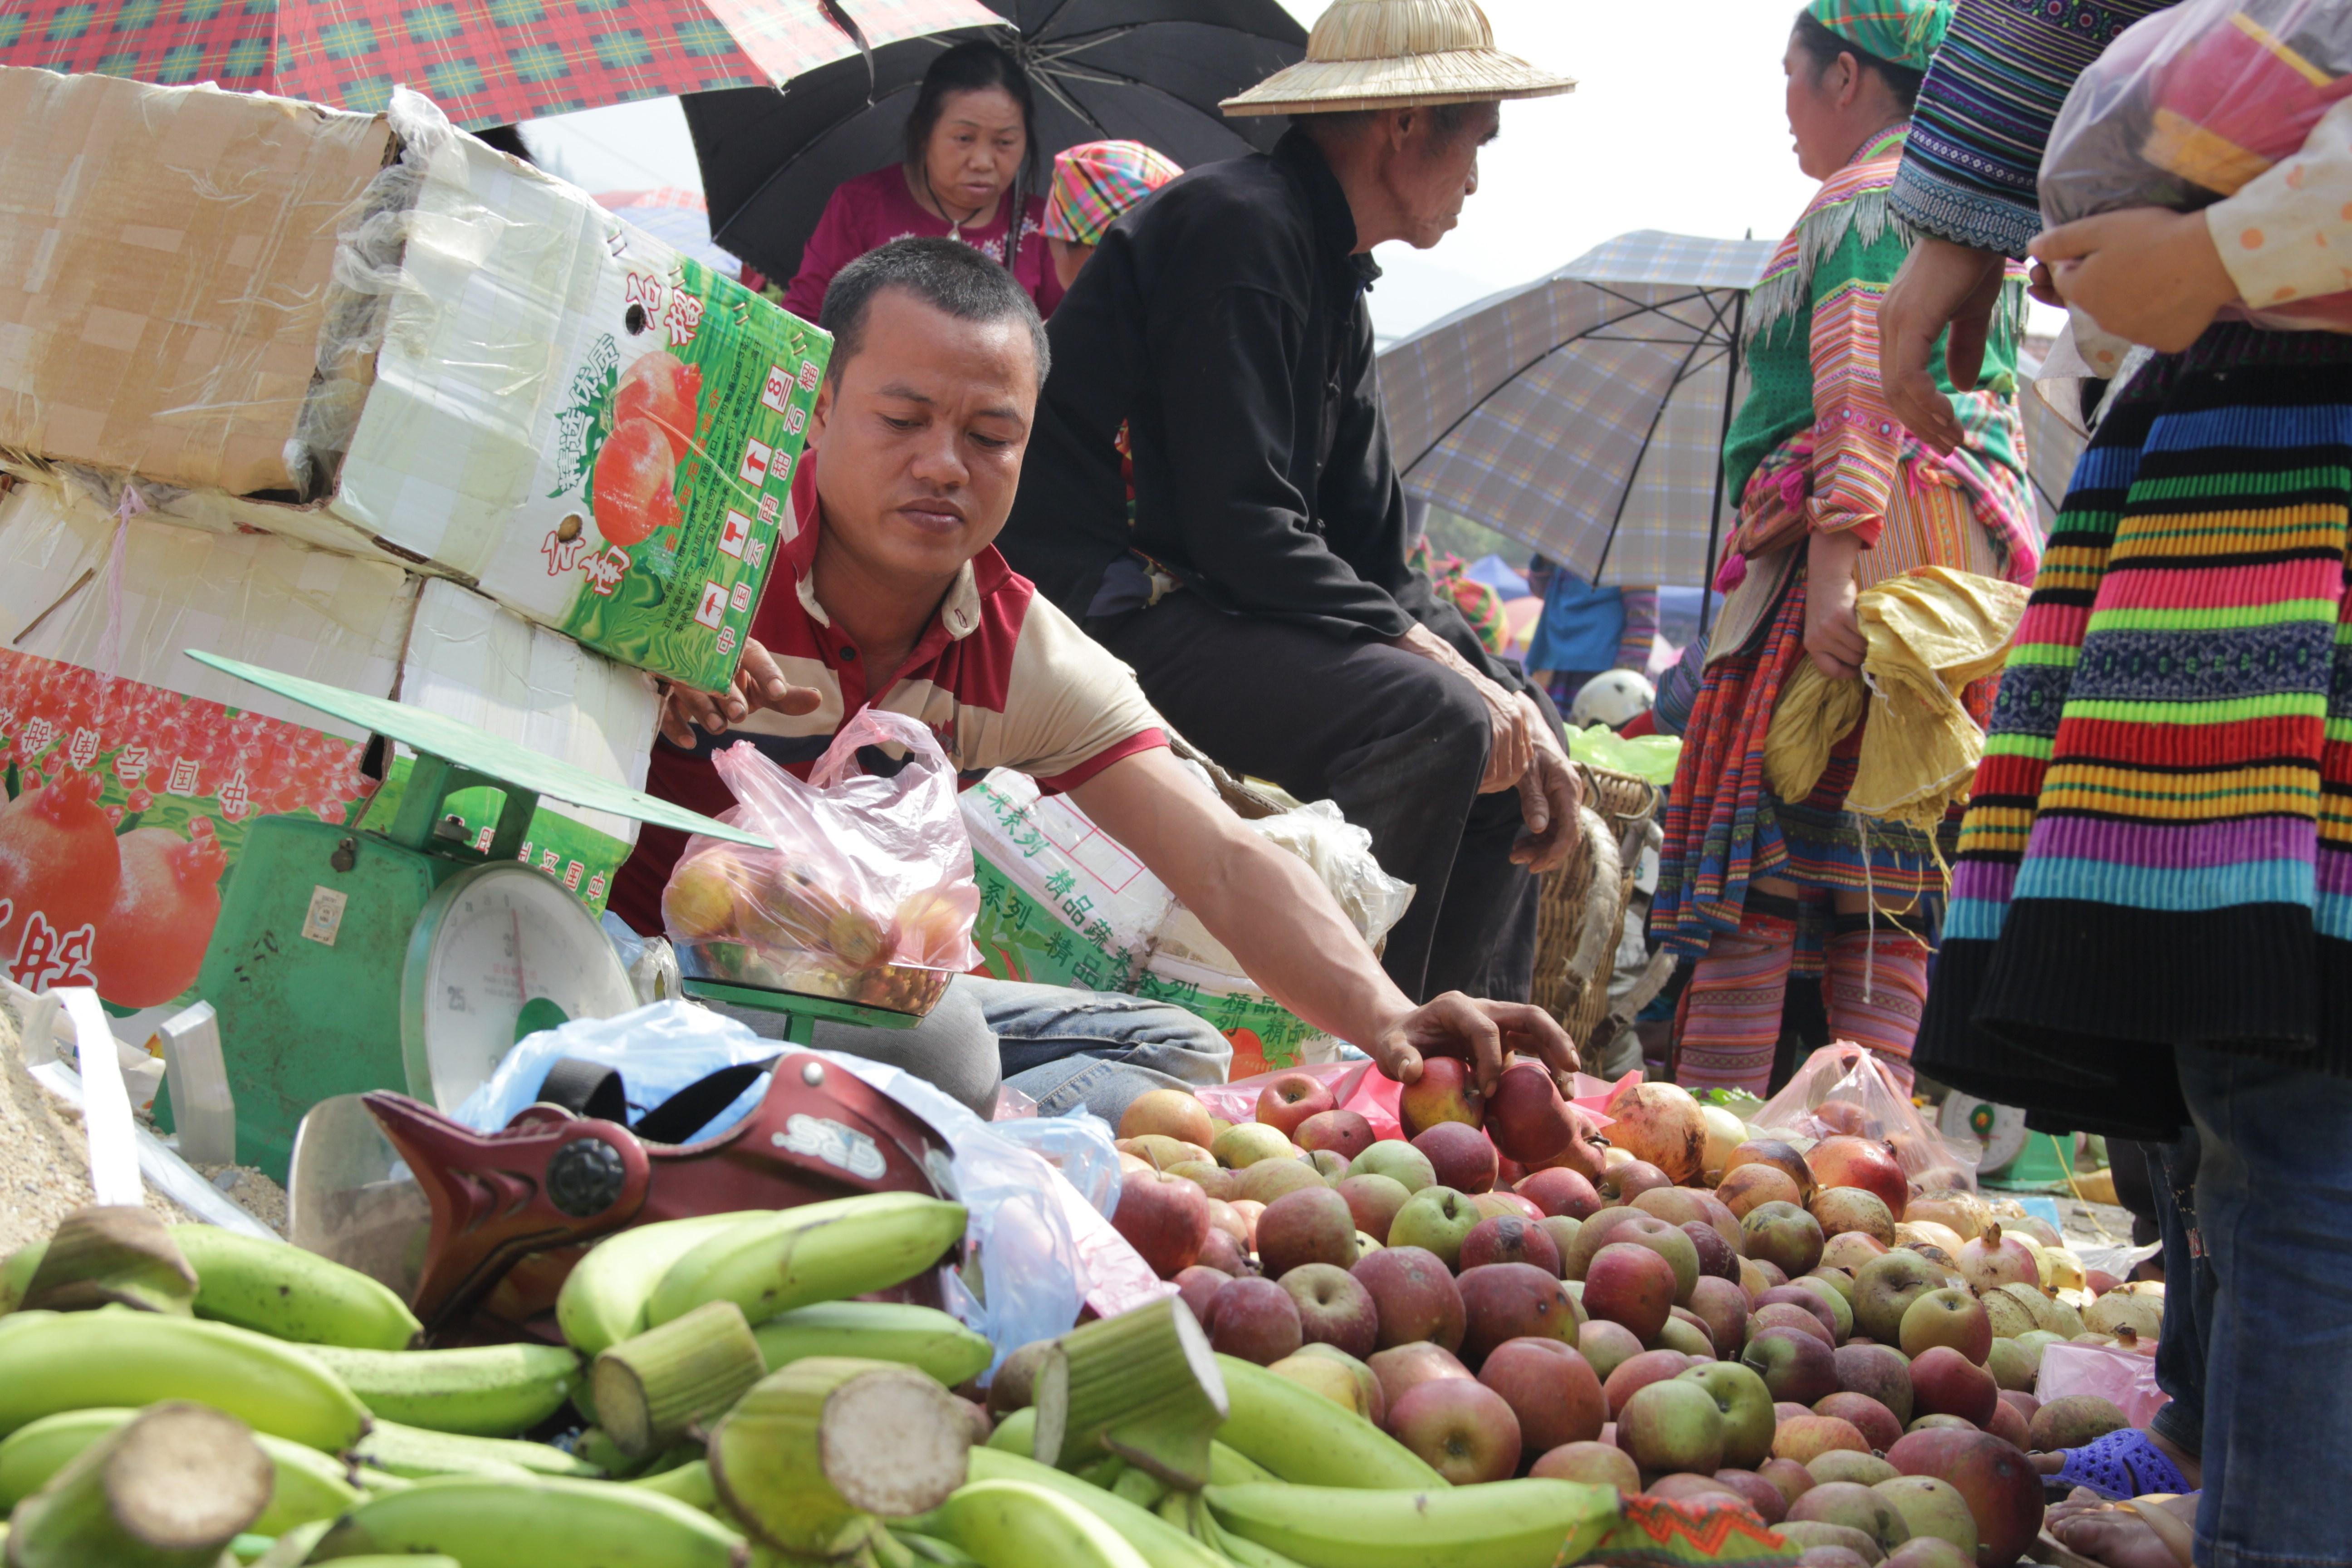 A chaque type de produits son quartier sur le marché (© Jérôme Decoster).